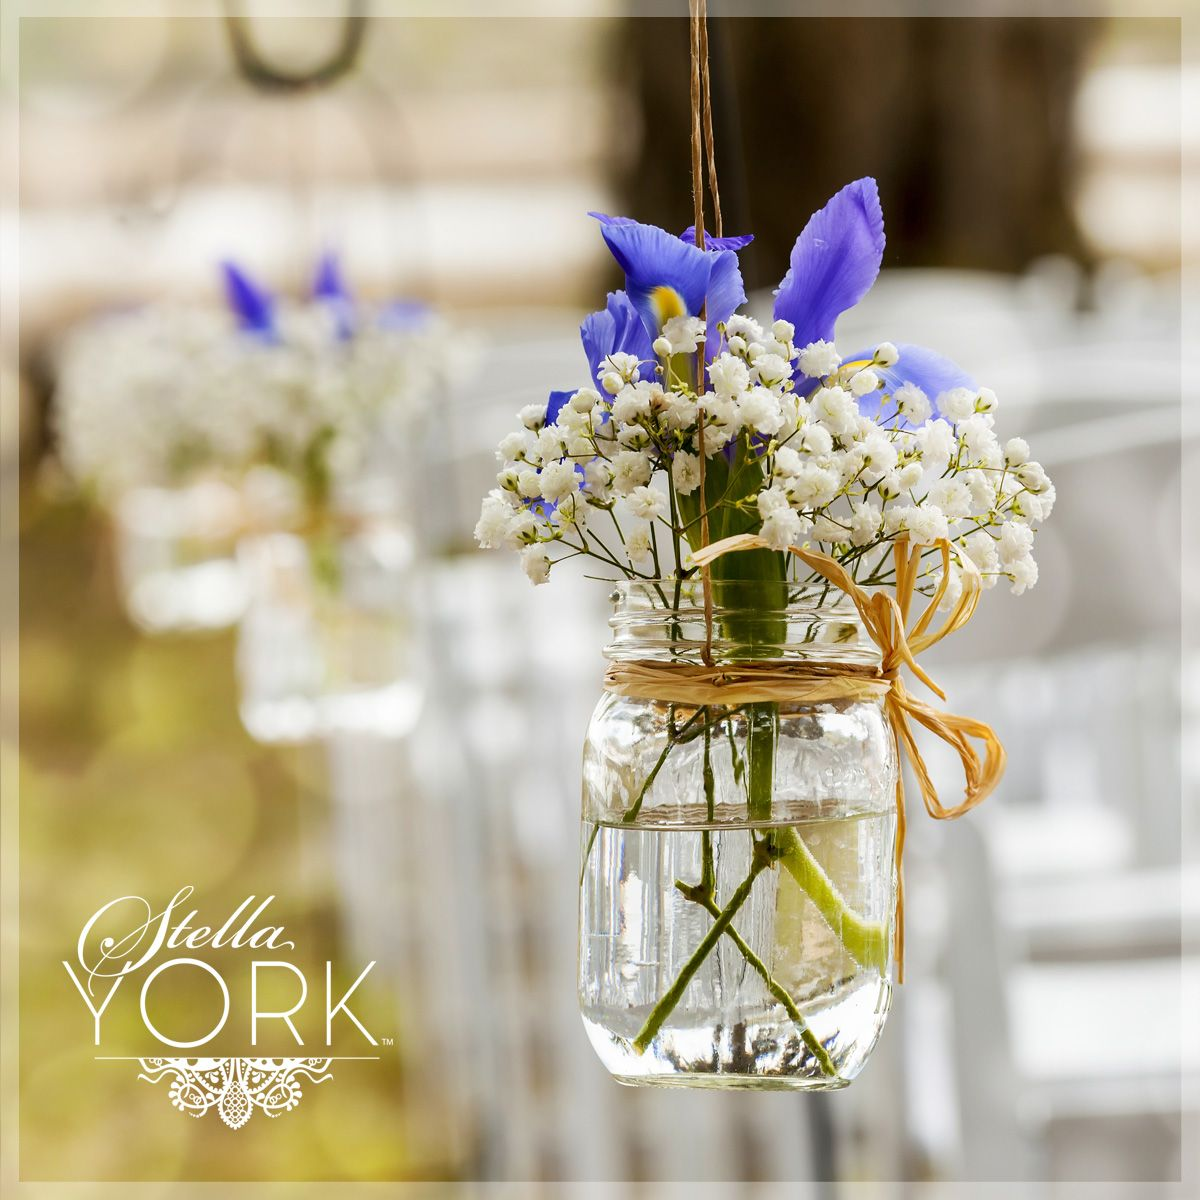 Over 80 Mason Jar Wedding Ideas | Rustic feel, Jar wedding ideas and ...